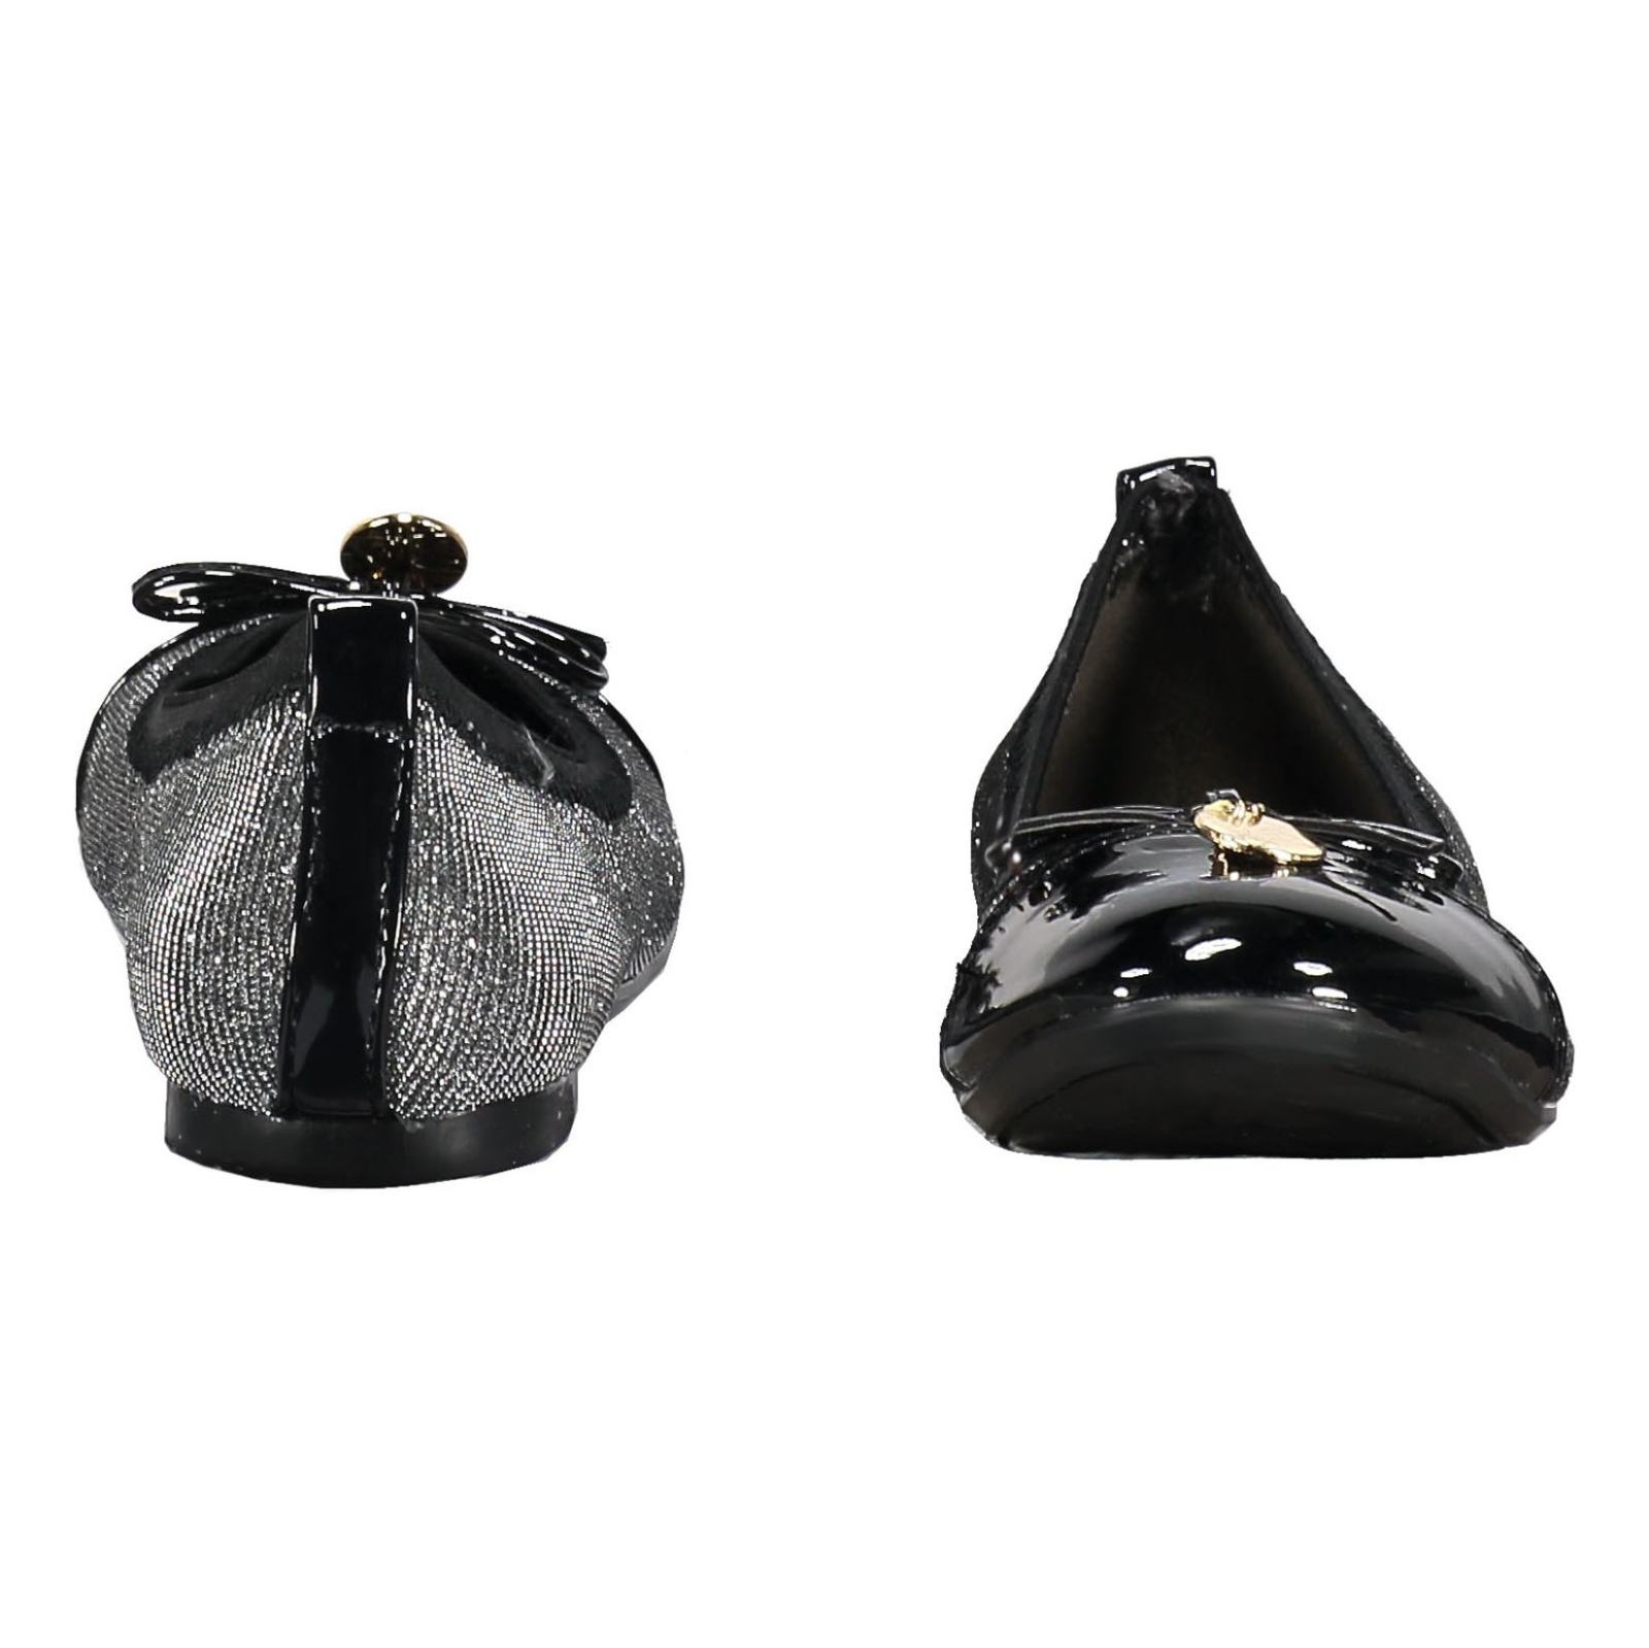 کفش تخت عروسکی دخترانه - باتا - نقره اي - 5